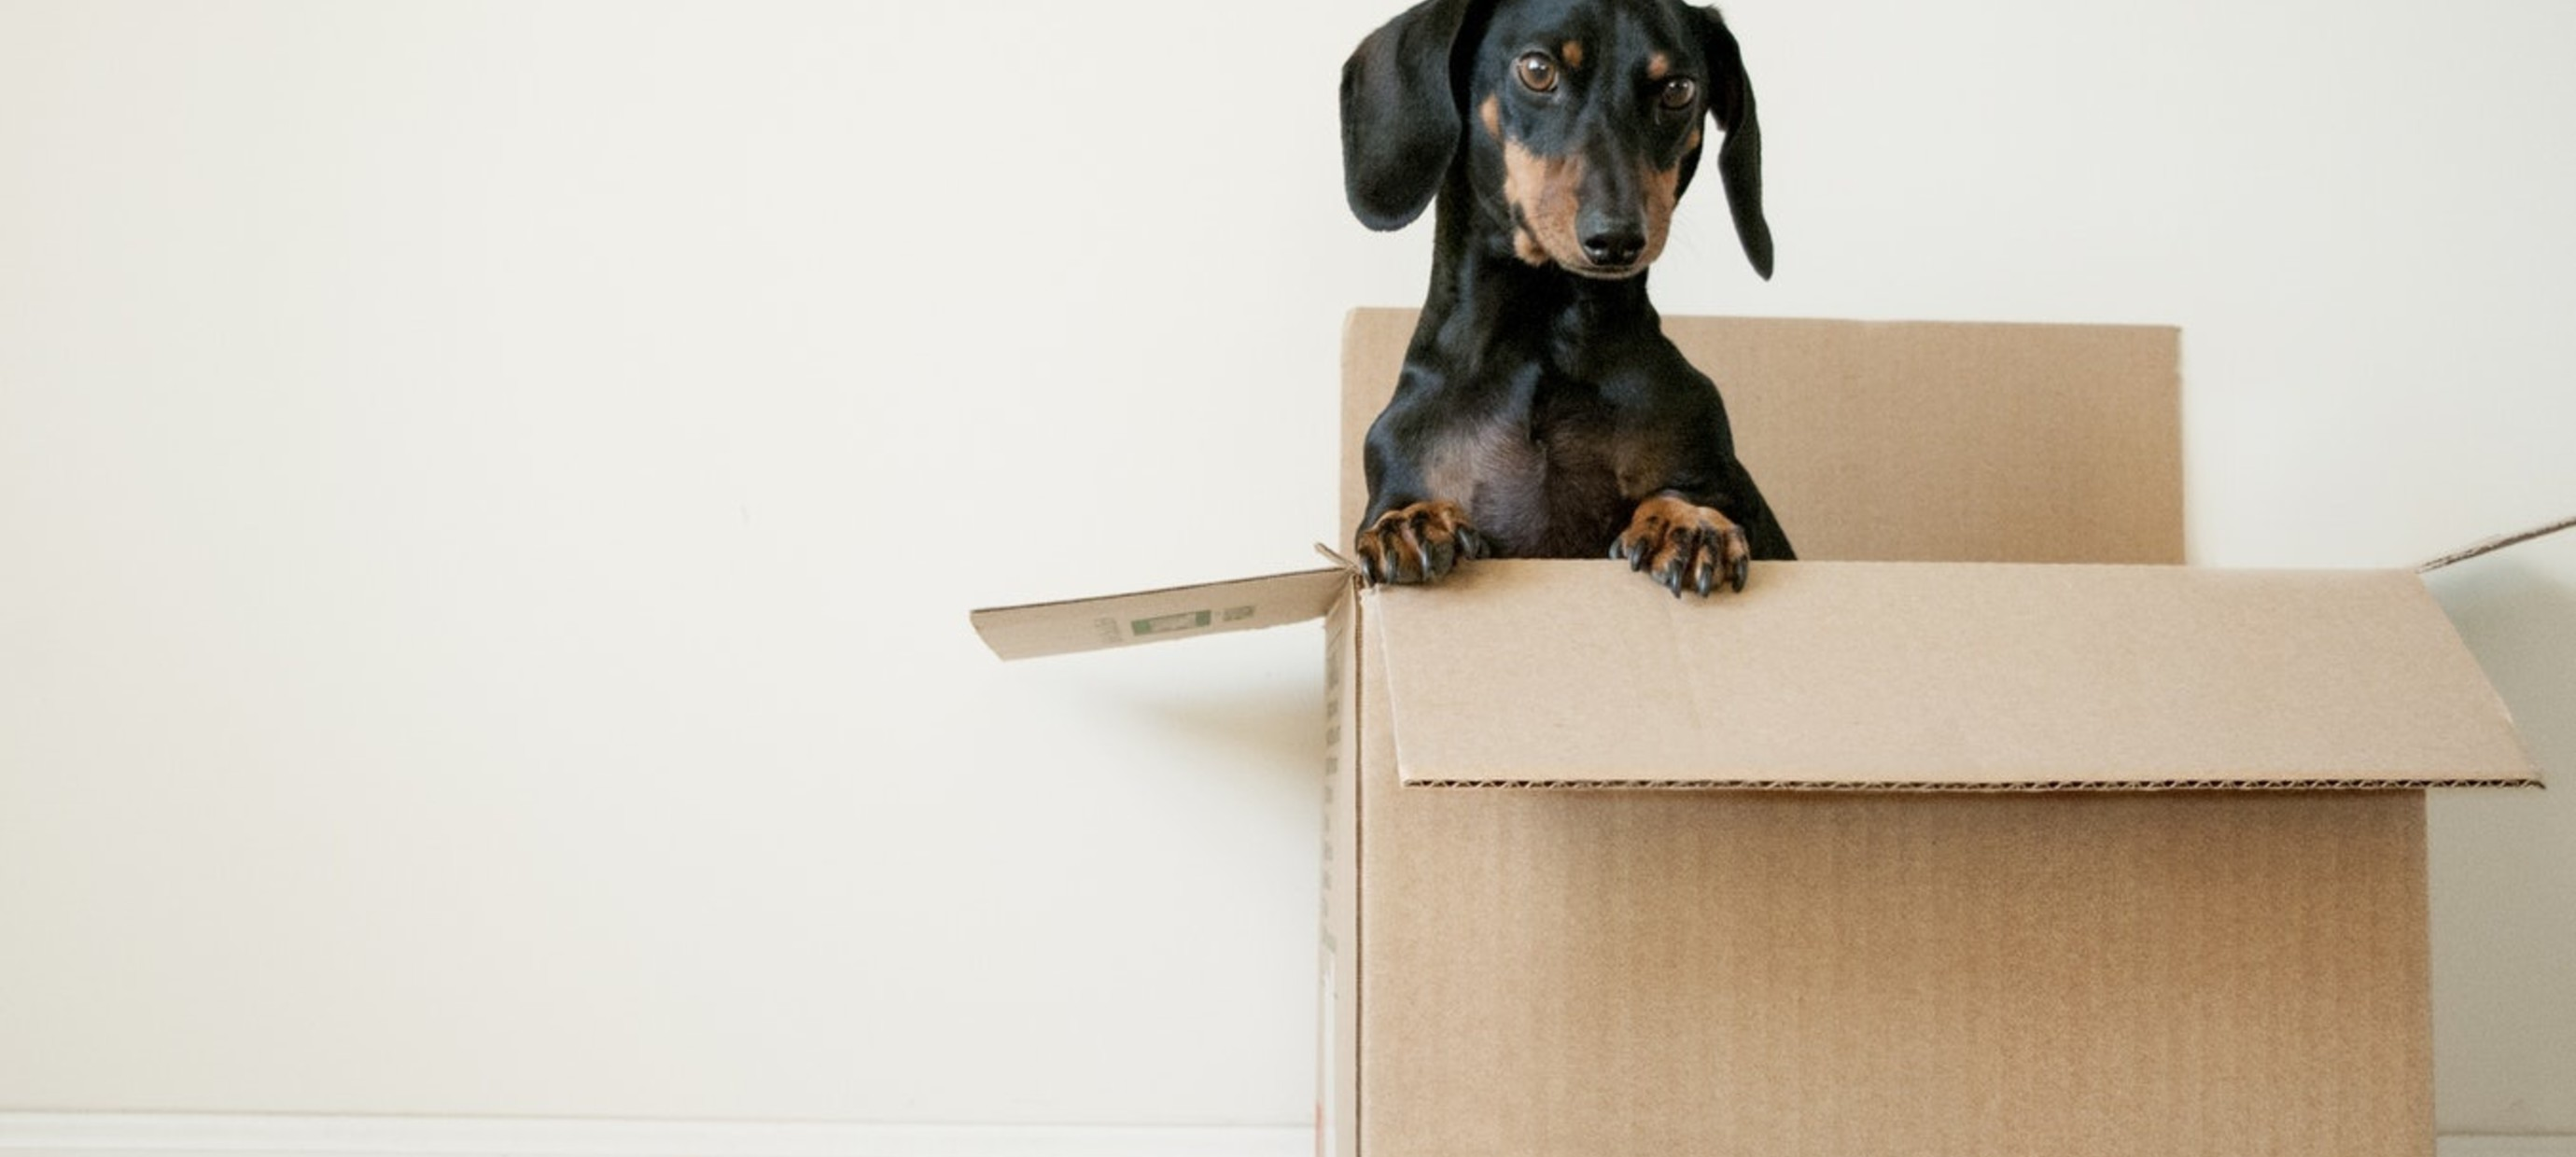 Hoe je verhuisstress kunt voorkomen